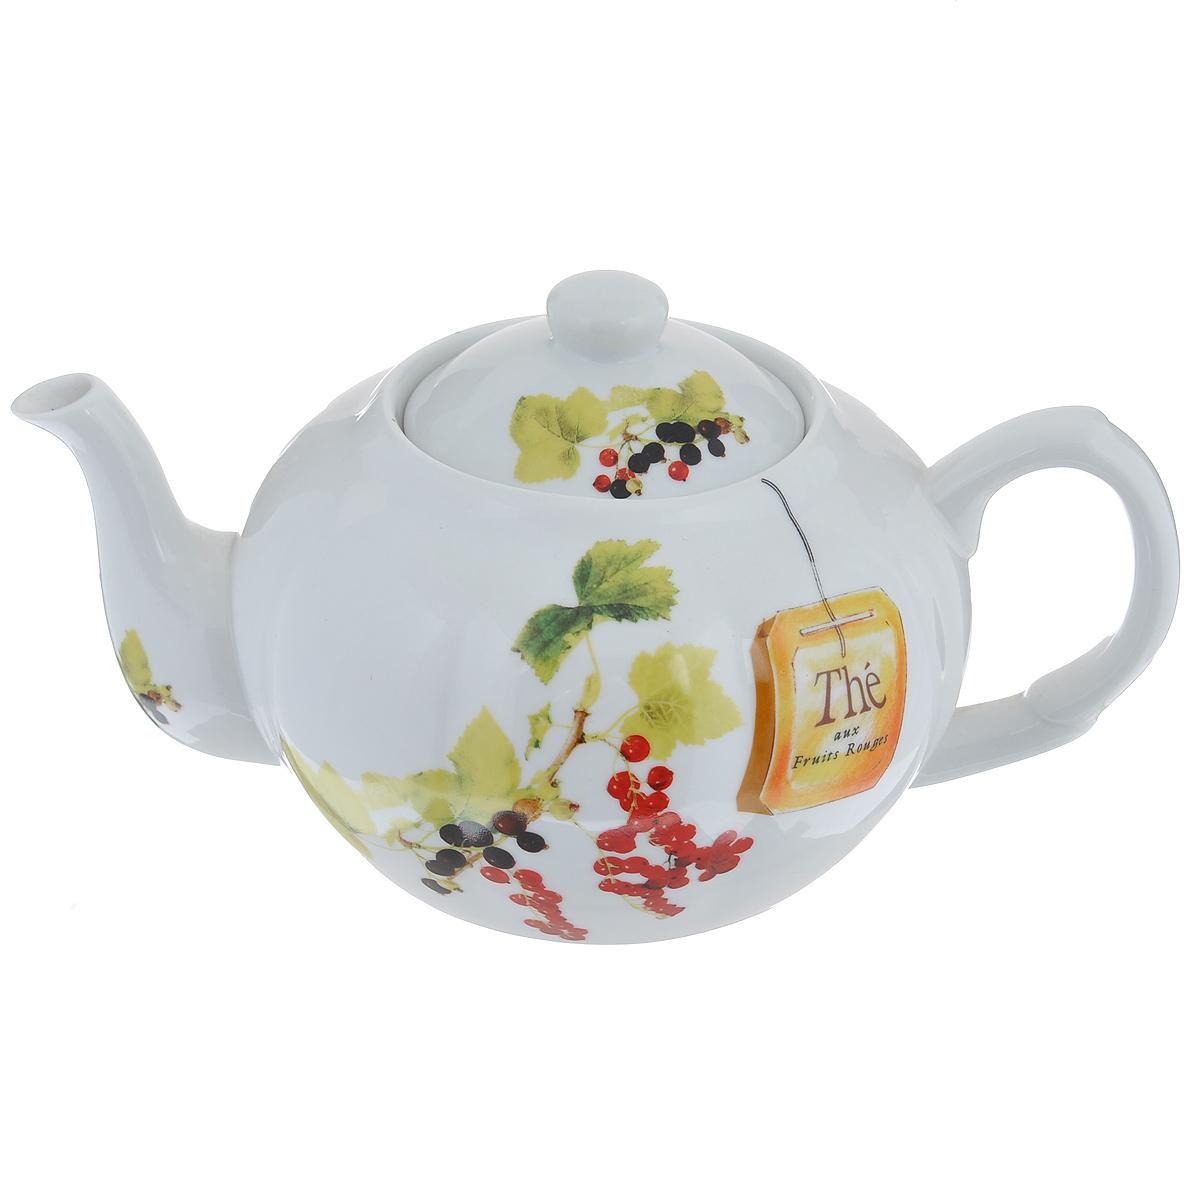 Чайник заварочный Larange Смородина, 1 л586-243Чайник Larange Смородина выполнен из высококачественного фарфора. Чайник декорирован изображением ягод красной и черной смородины. Чайник Larange Смородина предназначен для заваривания чая. Элегантный дизайн и совершенные формы чайника привлекут к себе внимание и украсят интерьер вашей кухни. Чайник Larange Смородина будет не только прекрасным украшением вашего стола, но и отличным подарком к любому празднику. Не использовать в микроволновой печи. Не применять абразивные чистящие вещества. Диаметр чайника по верхнему краю: 8,5 см. Высота чайника: 9,5 см. Диаметр дна чайника: 9 см. Длина чайника (с учетом ручки и носика): 23 см.